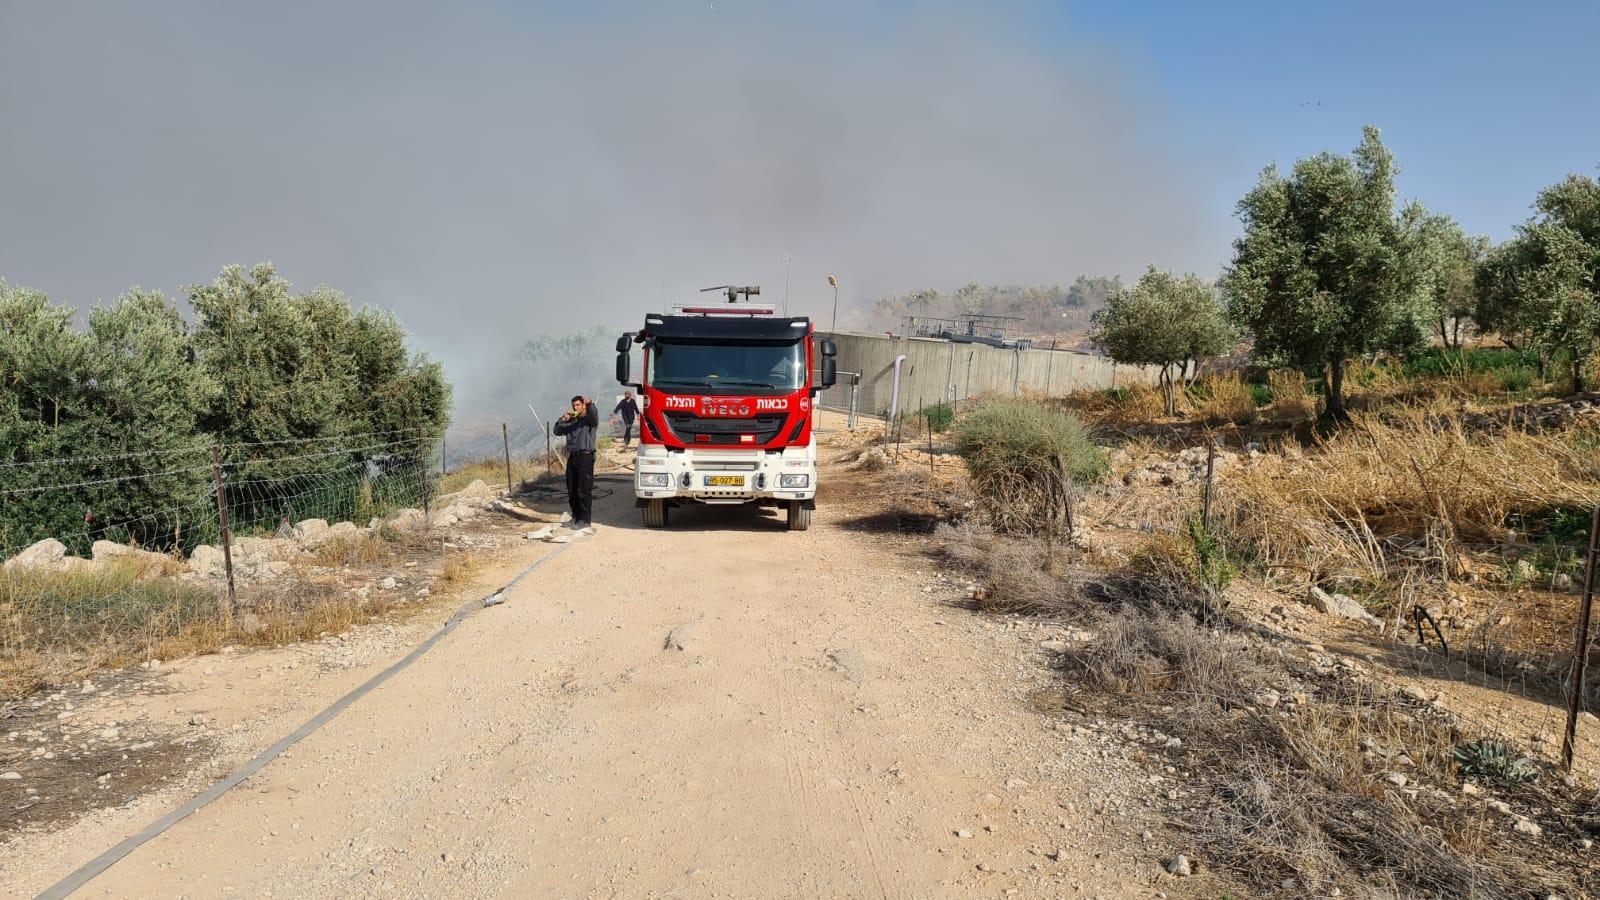 חשד להצתה: שריפה פרצה סמוך לבתי תושבים בתקוע